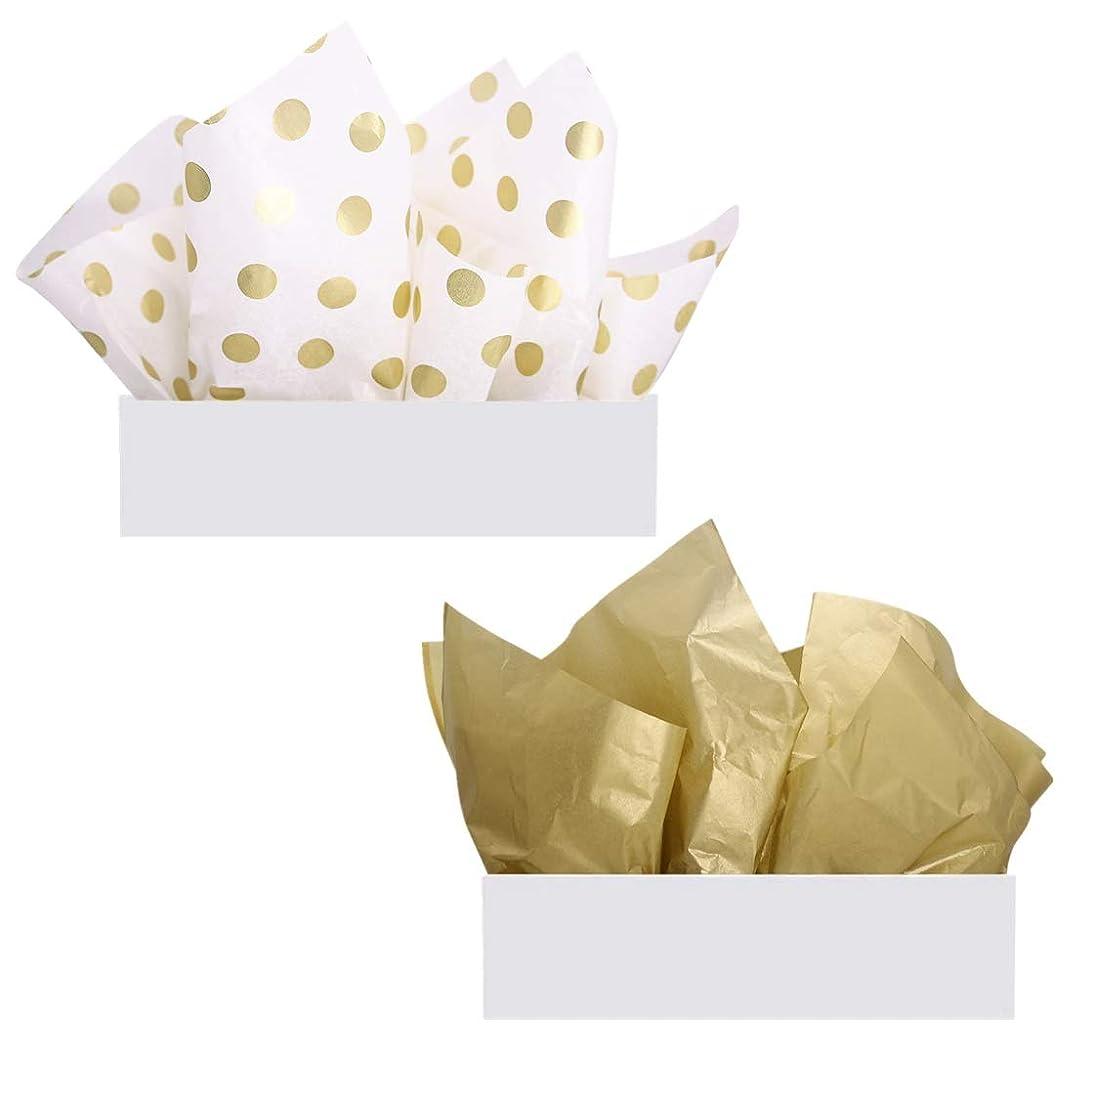 UNIQOOO 60 Sheets Premium Metallic Gold & Gold Polka Dot Tissue Gift Wrap Paper Bulk, 20